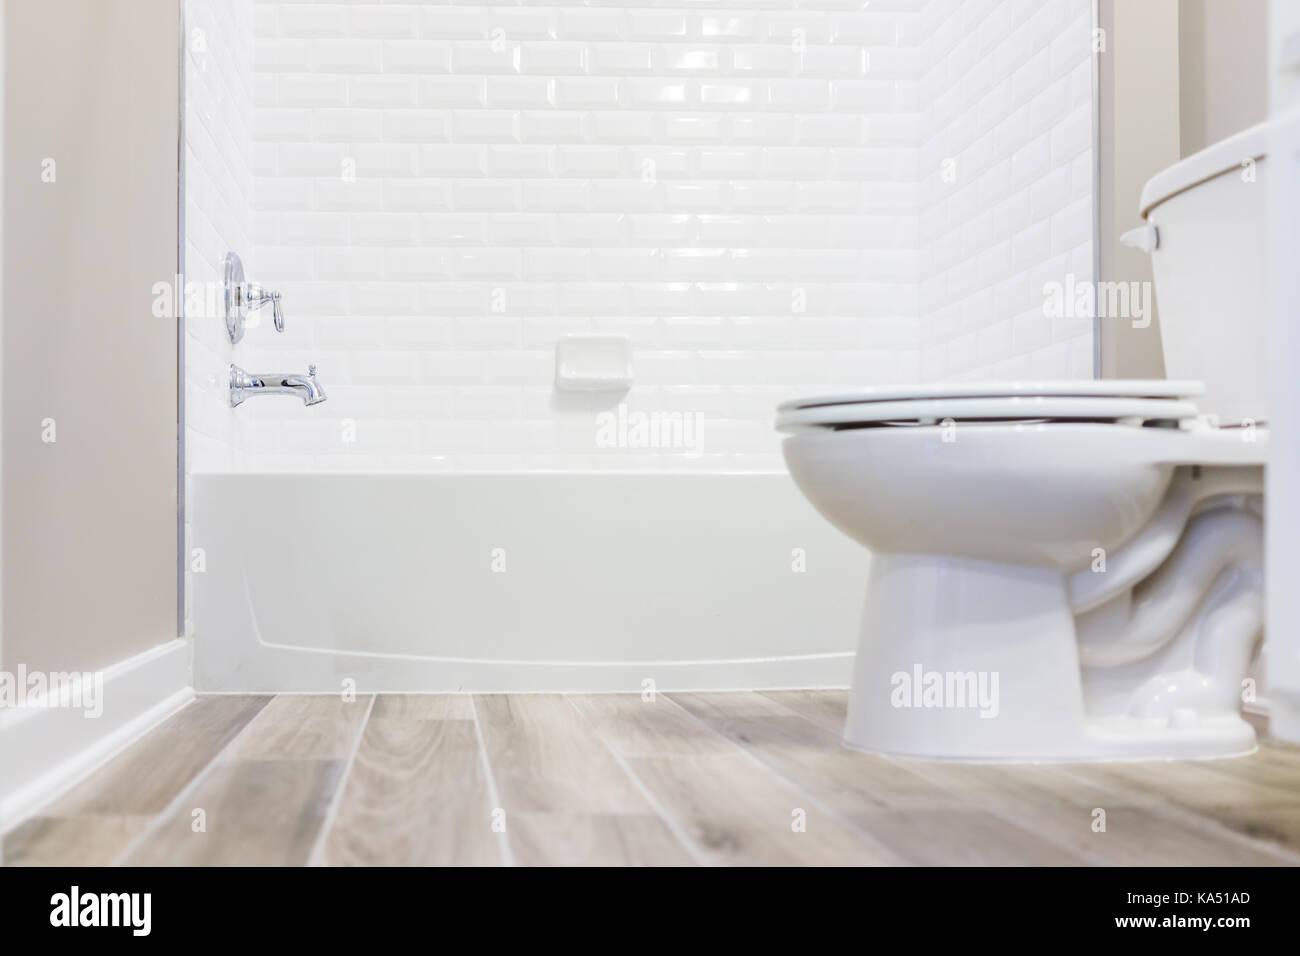 Modernes, Weißes Normalpapier Saubere WC Badezimmer Mit Dusche Fliesen Und  Holzböden Vom Boden Aus